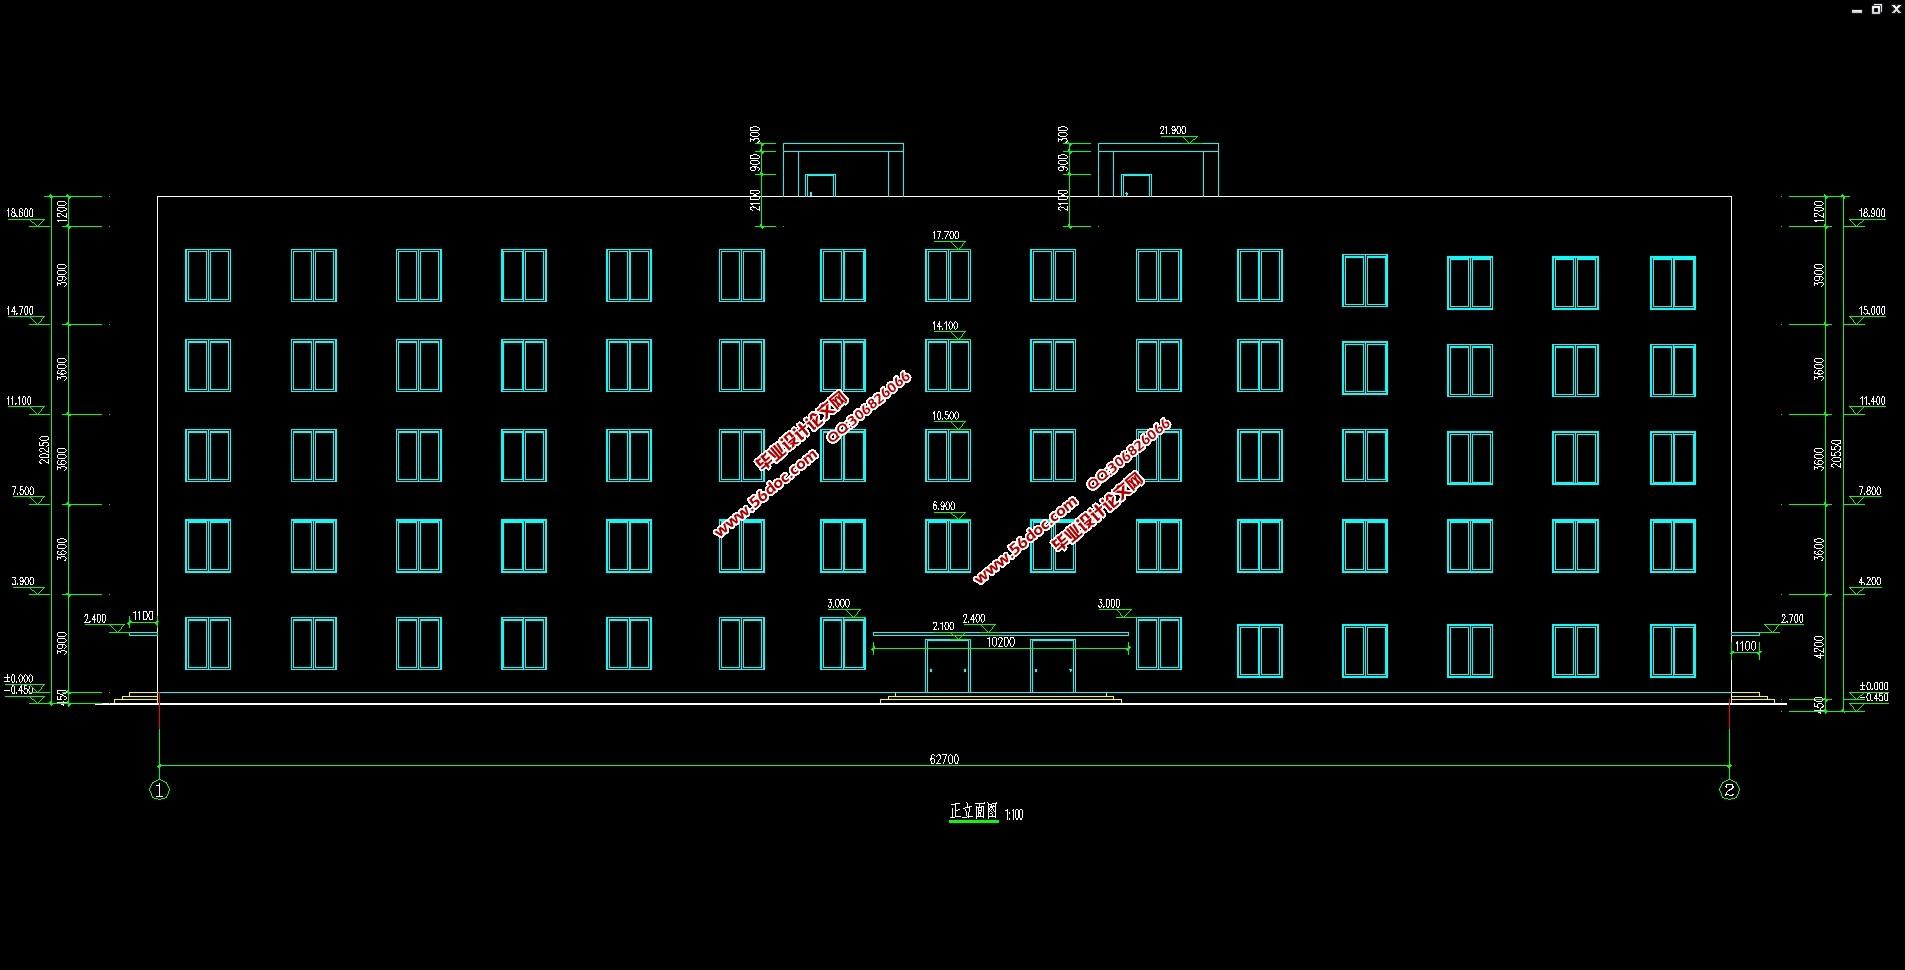 建筑总平面防火设计课程设计任务书